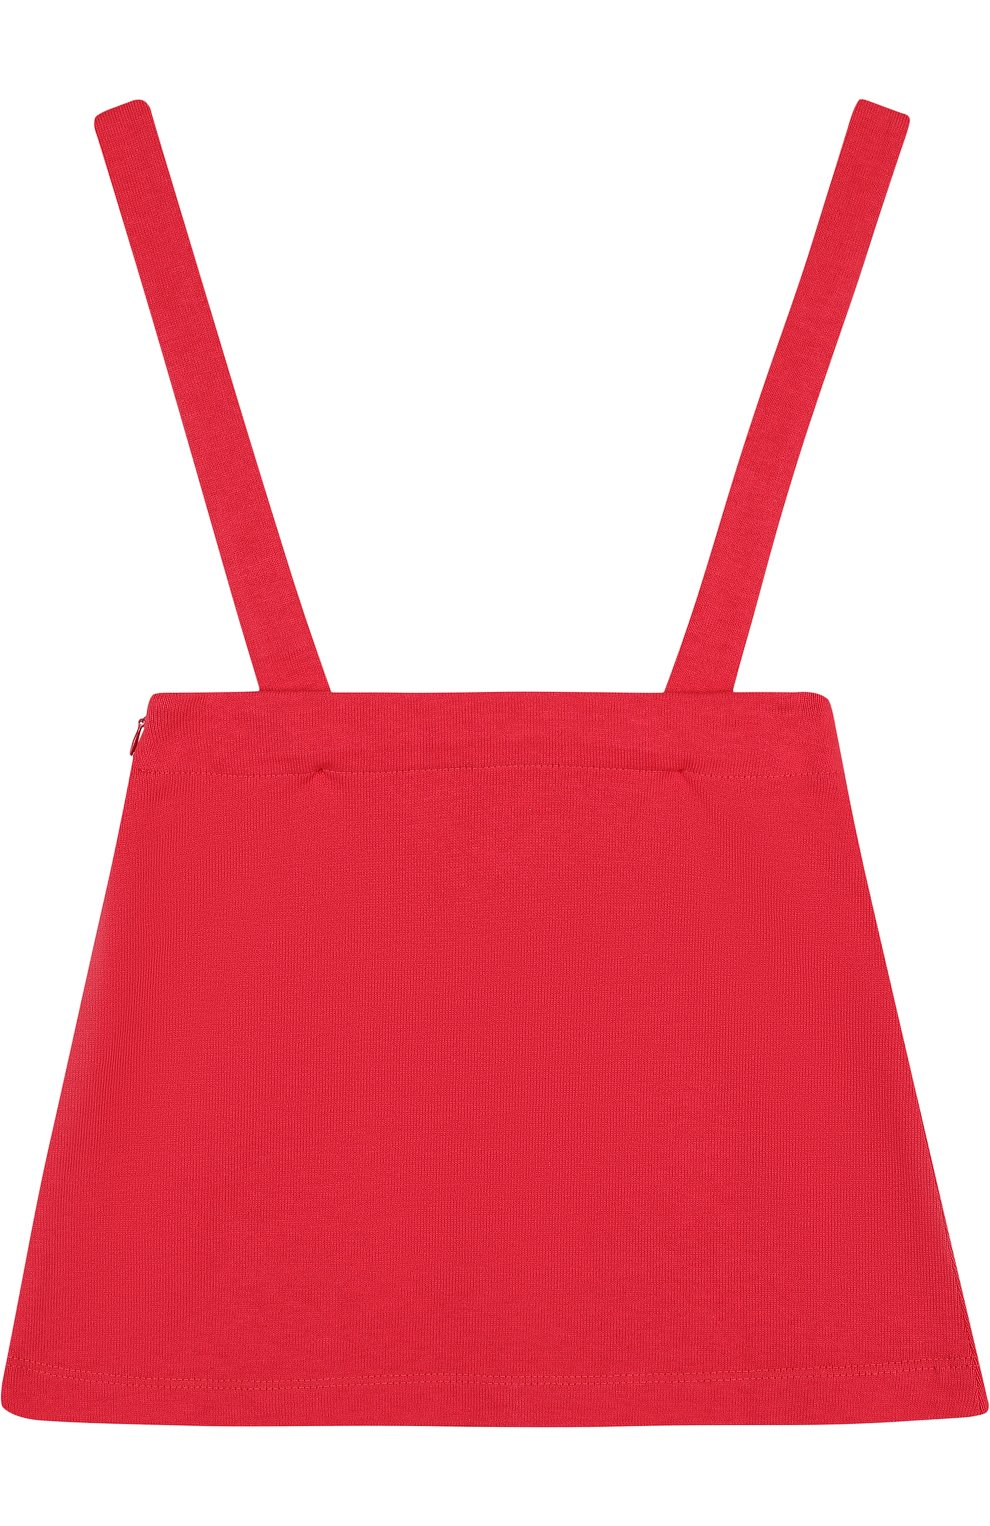 Хлопковая юбка с аппликациями на подтяжках   Фото №2